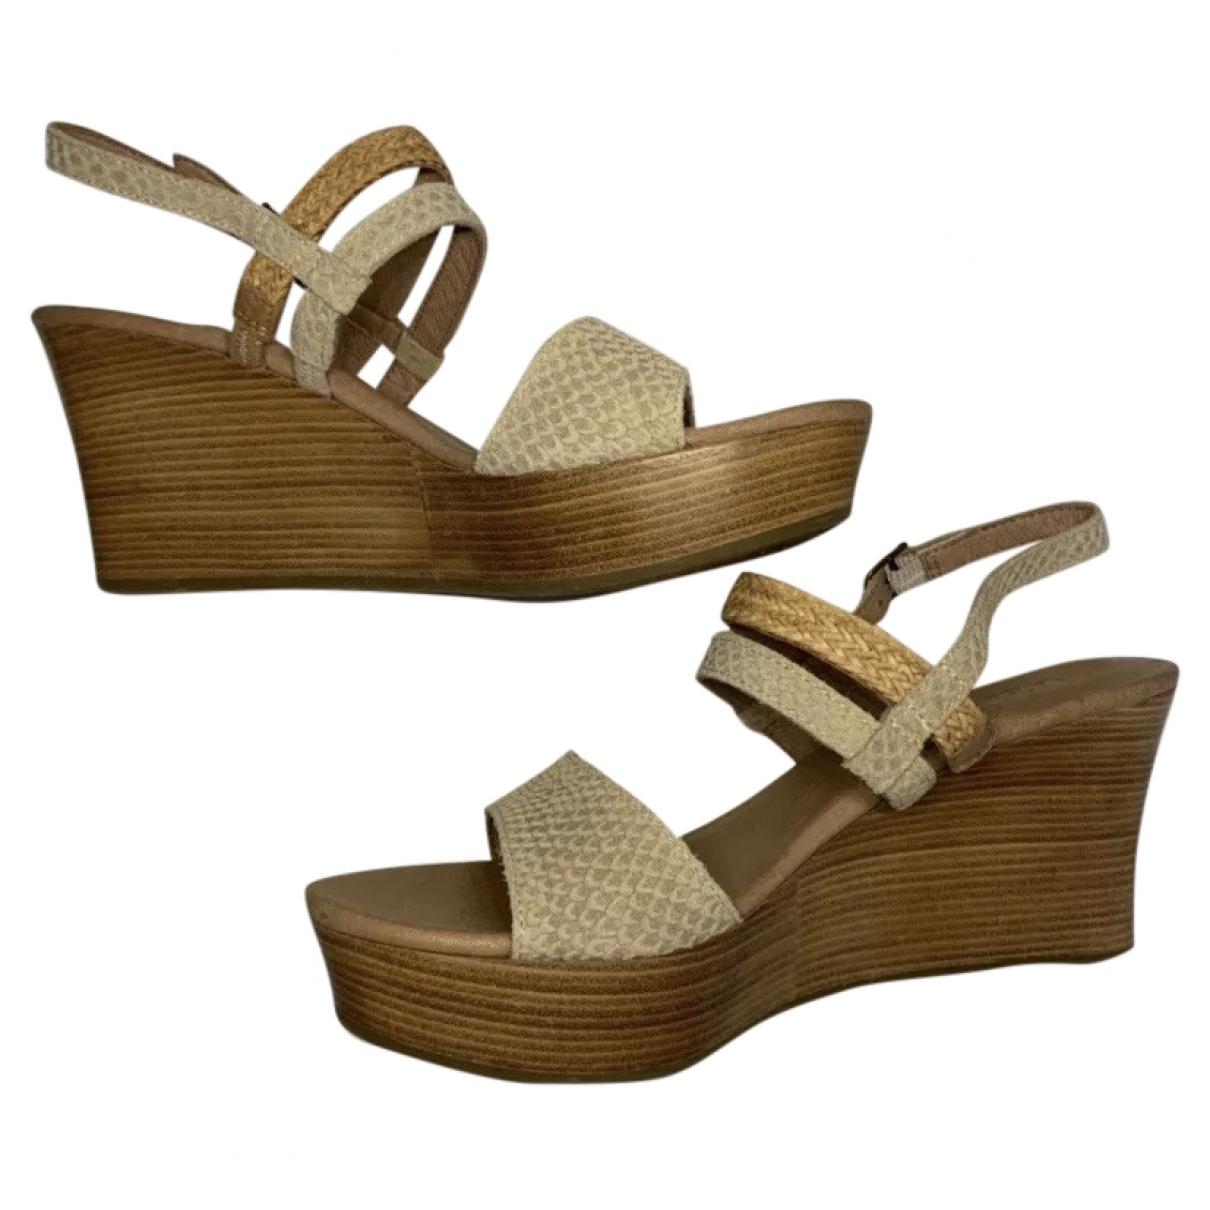 Ugg - Sandales   pour femme en cuir - beige